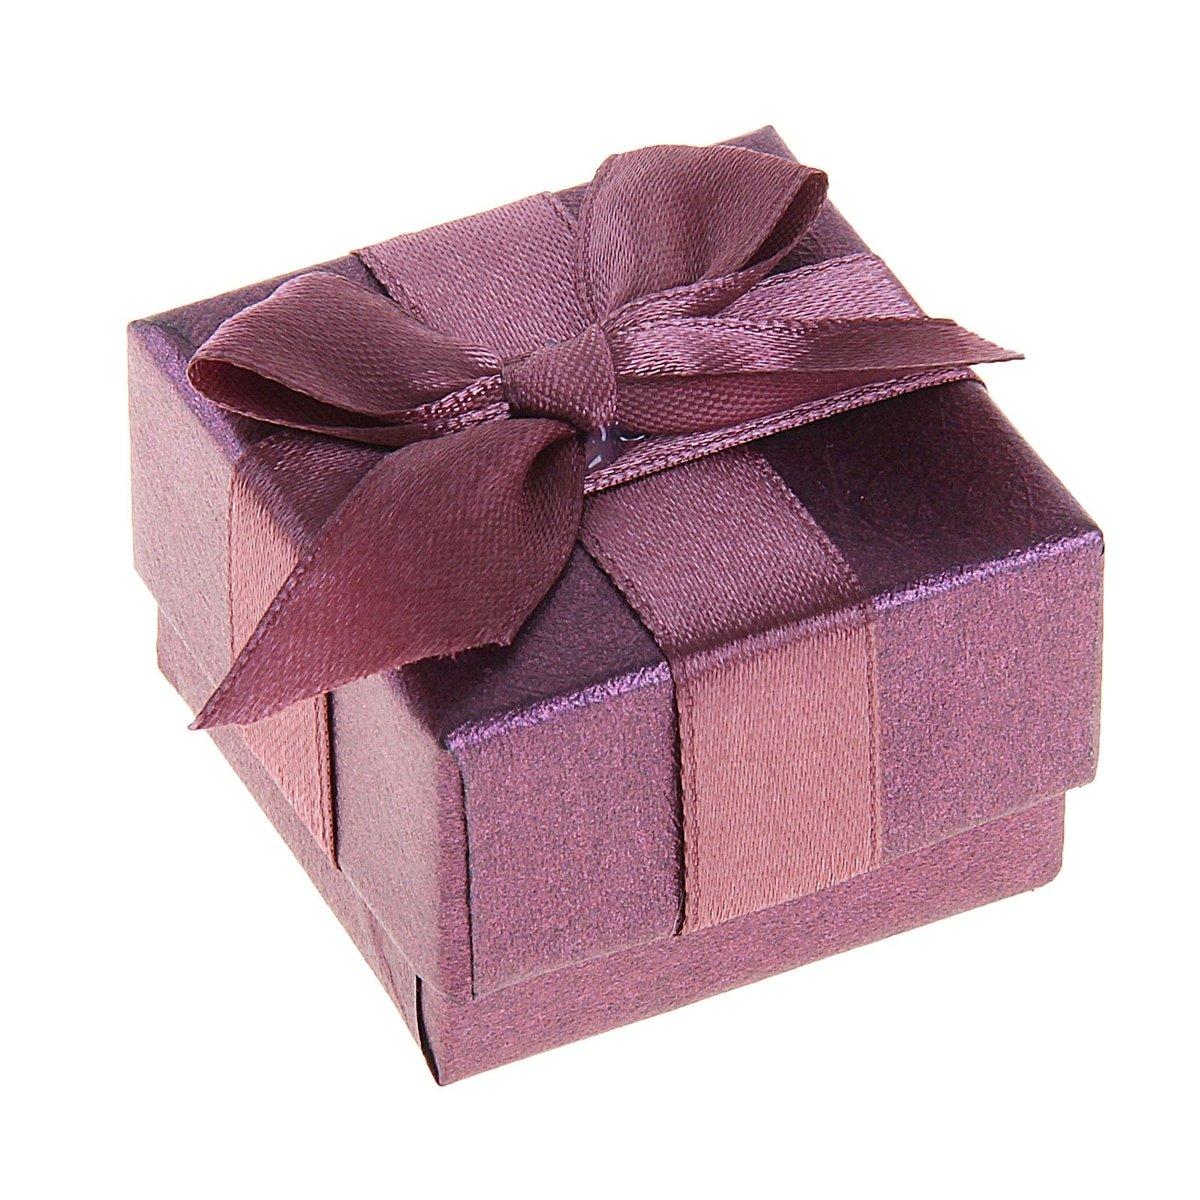 картинки маленькие коробки с подарками пальцы необходимо направить